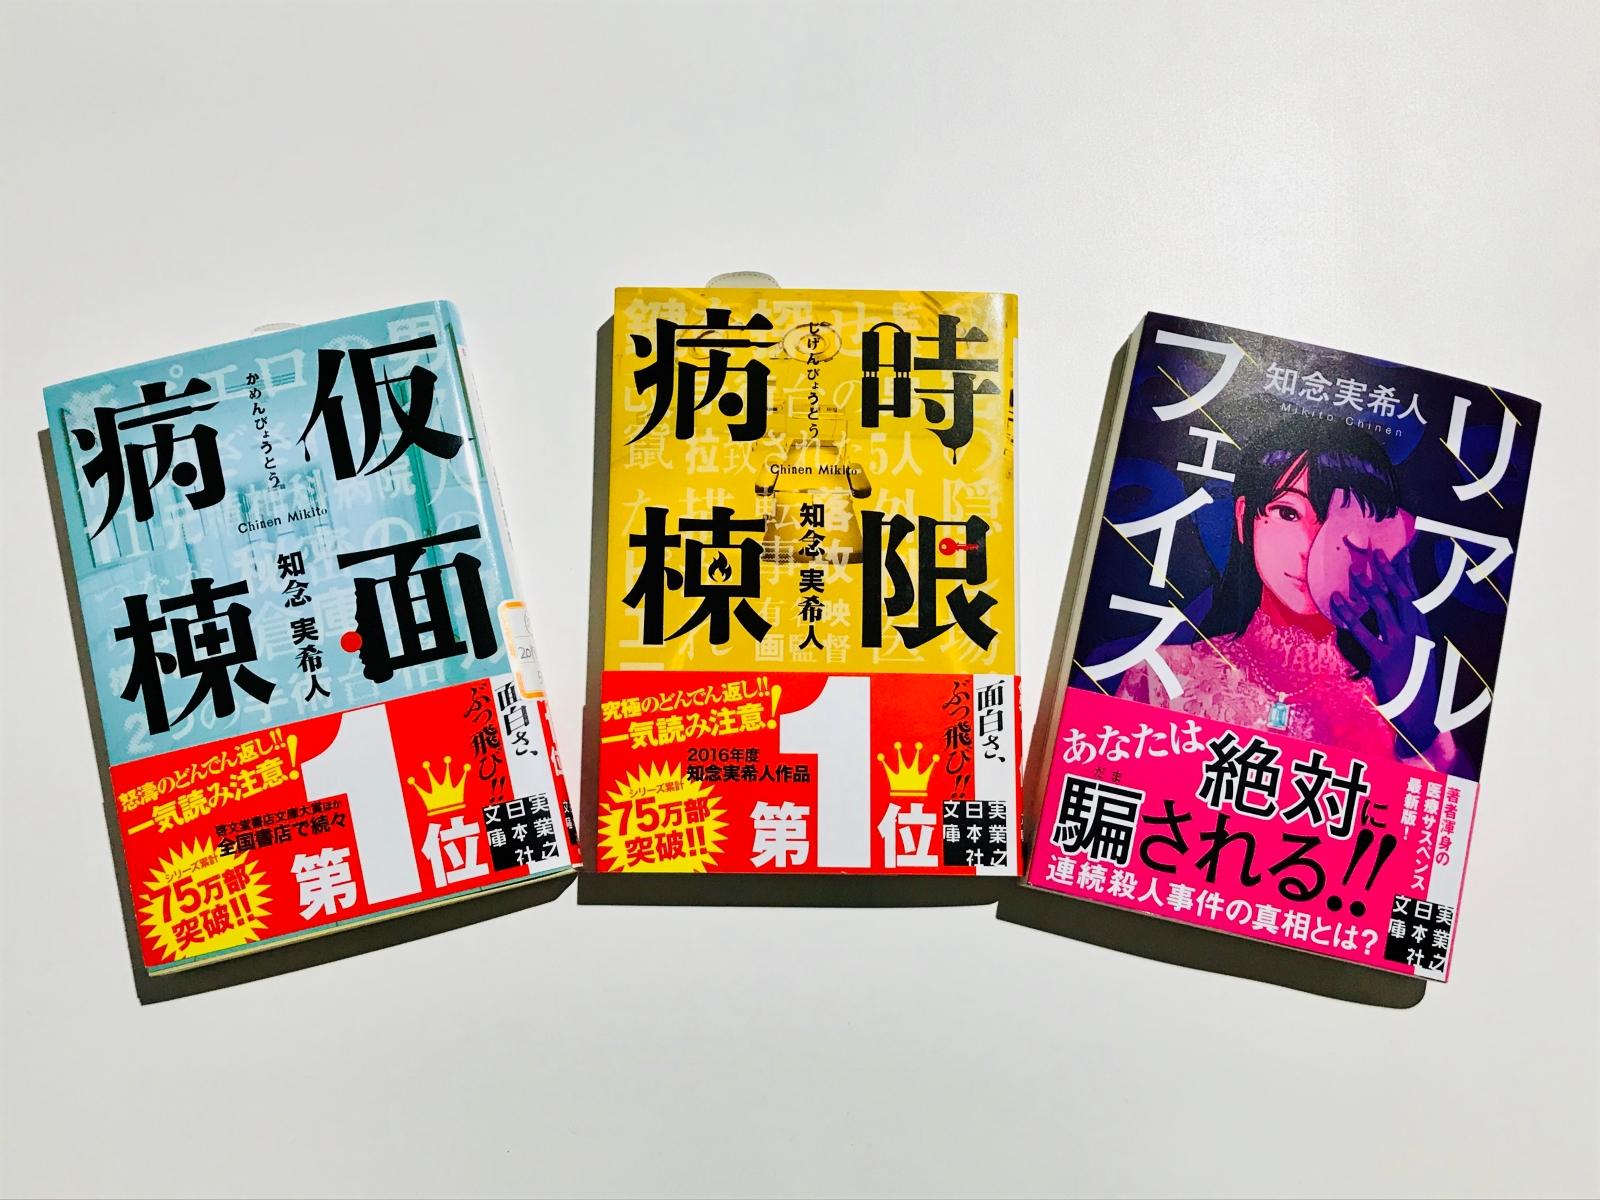 楽天ブックス: 知念実希人 文庫3冊セット - 知念実希人 ...